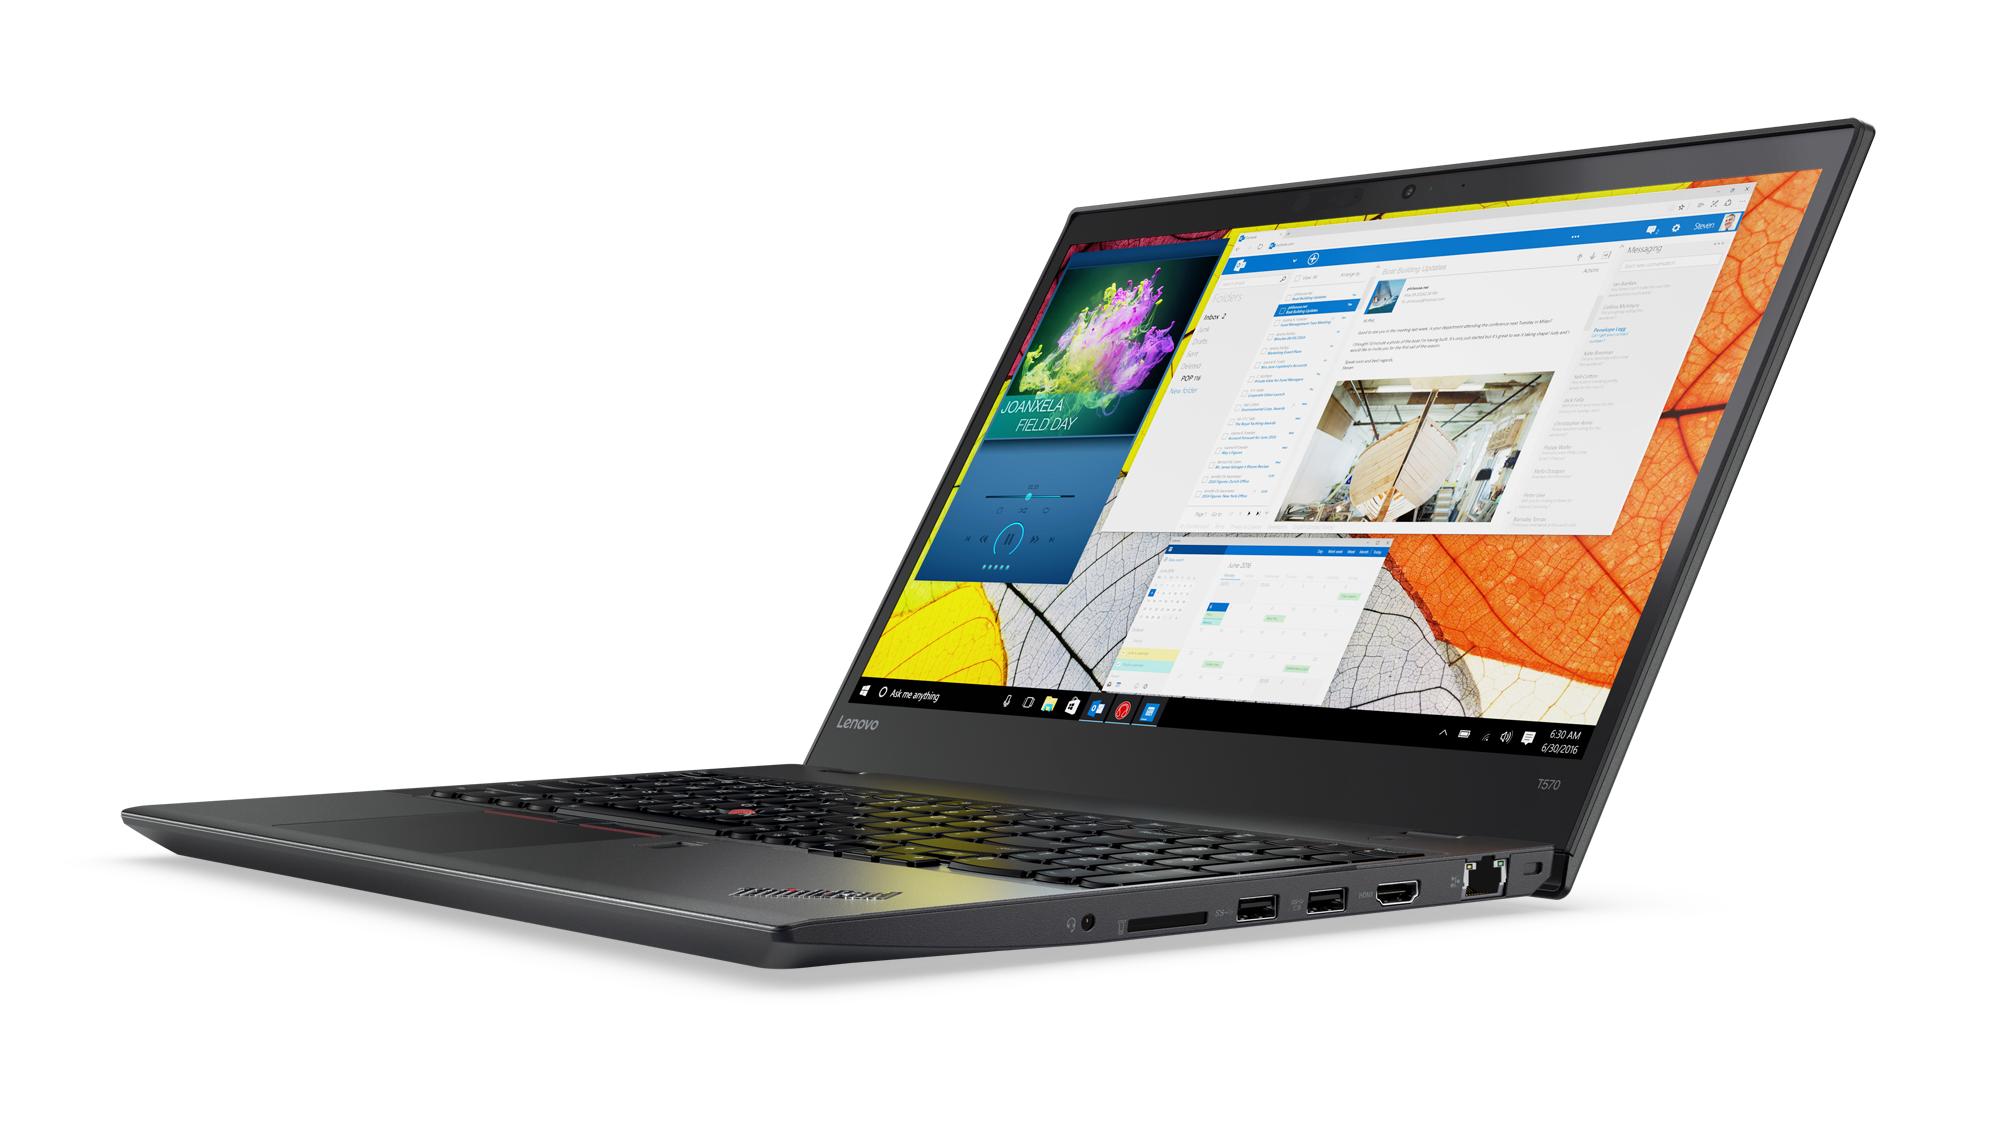 """Lenovo ThinkPad T570 i7-7500U/16GB/512GB SSD/HD Graphics 620/15,6"""" UHD IPS/4G/Win10PRO/black"""